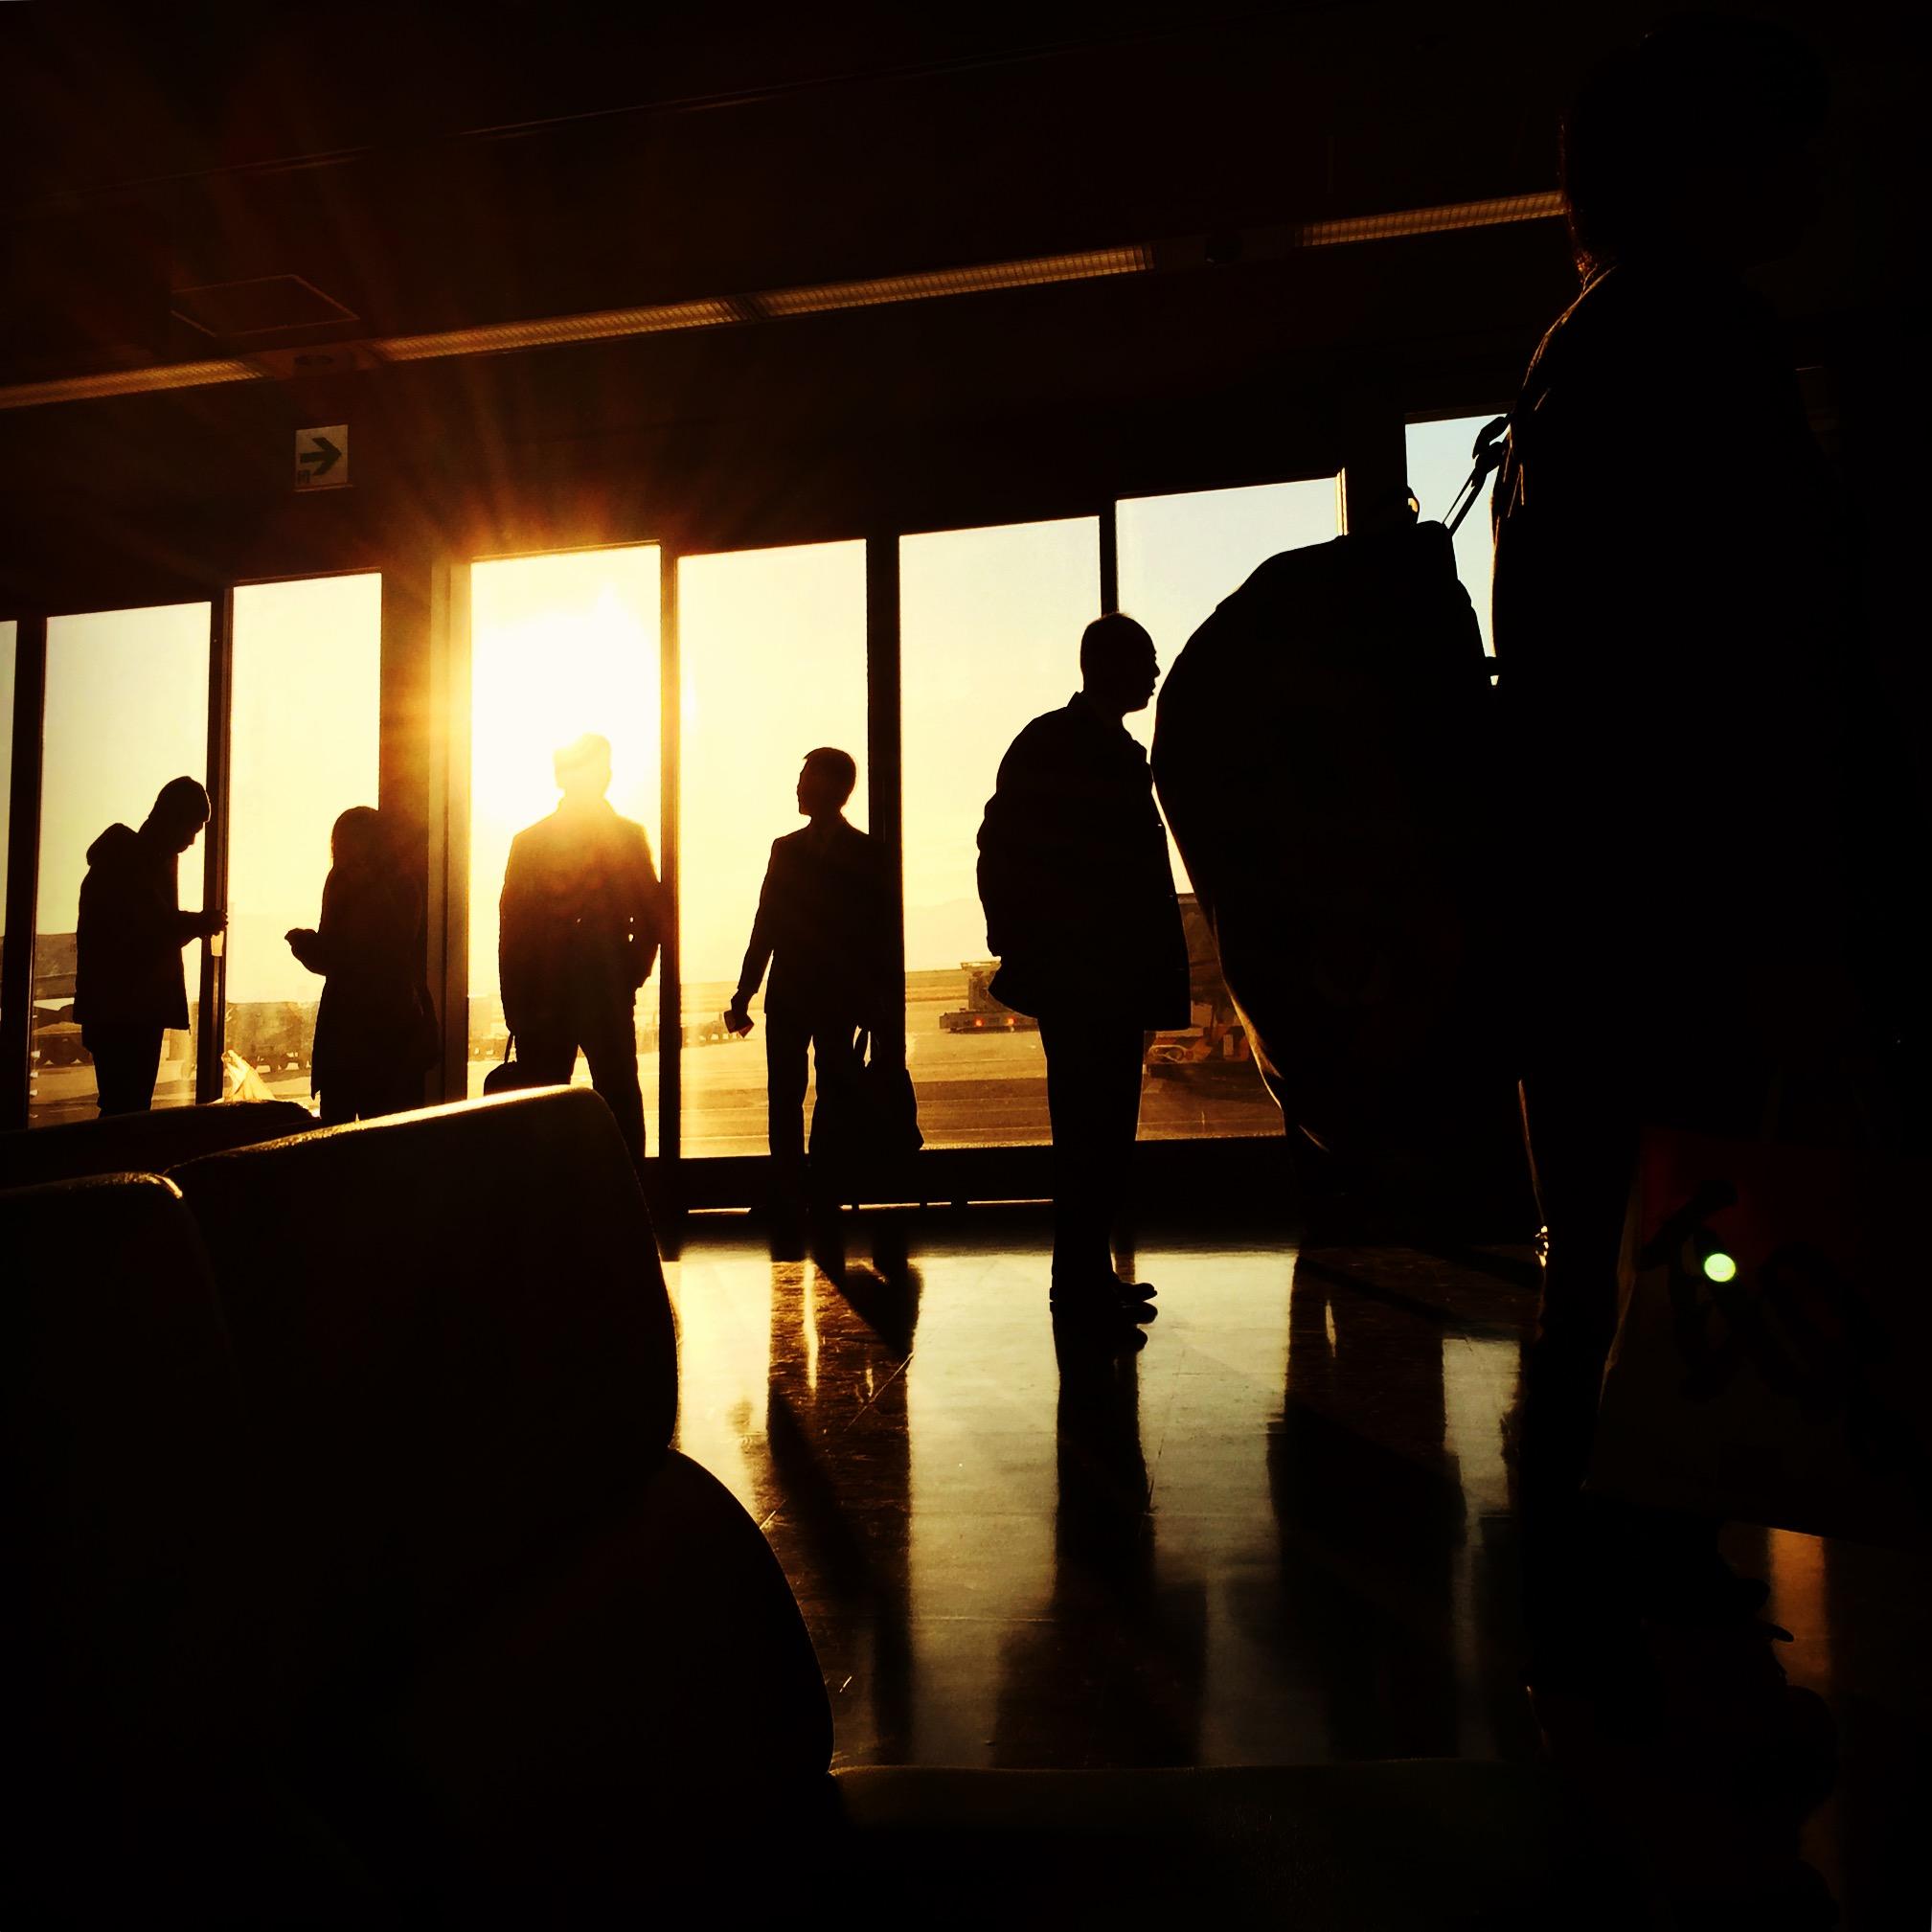 関西国際空港で朝日を浴びながらフライトを待つ人たち